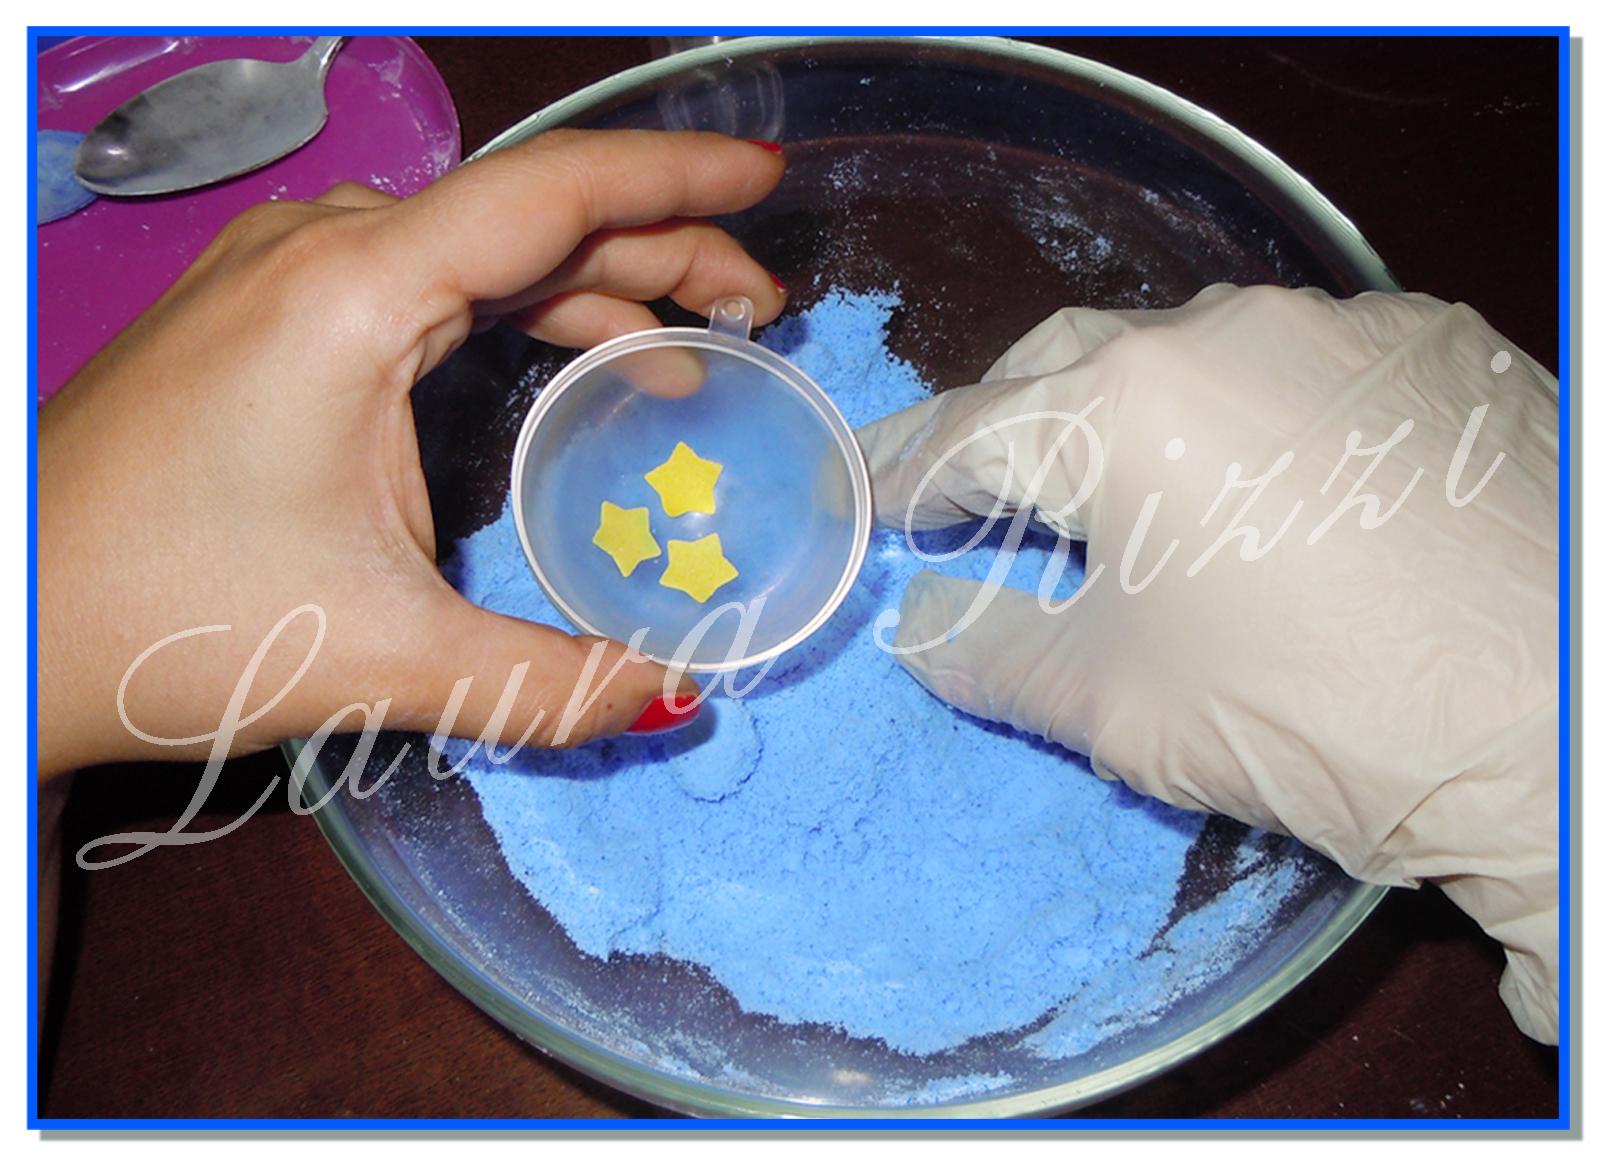 Bombe Effervescenti Per Il Bagno : Magicalchimia auto produzioni cosmetiche: ballistiche simil lush